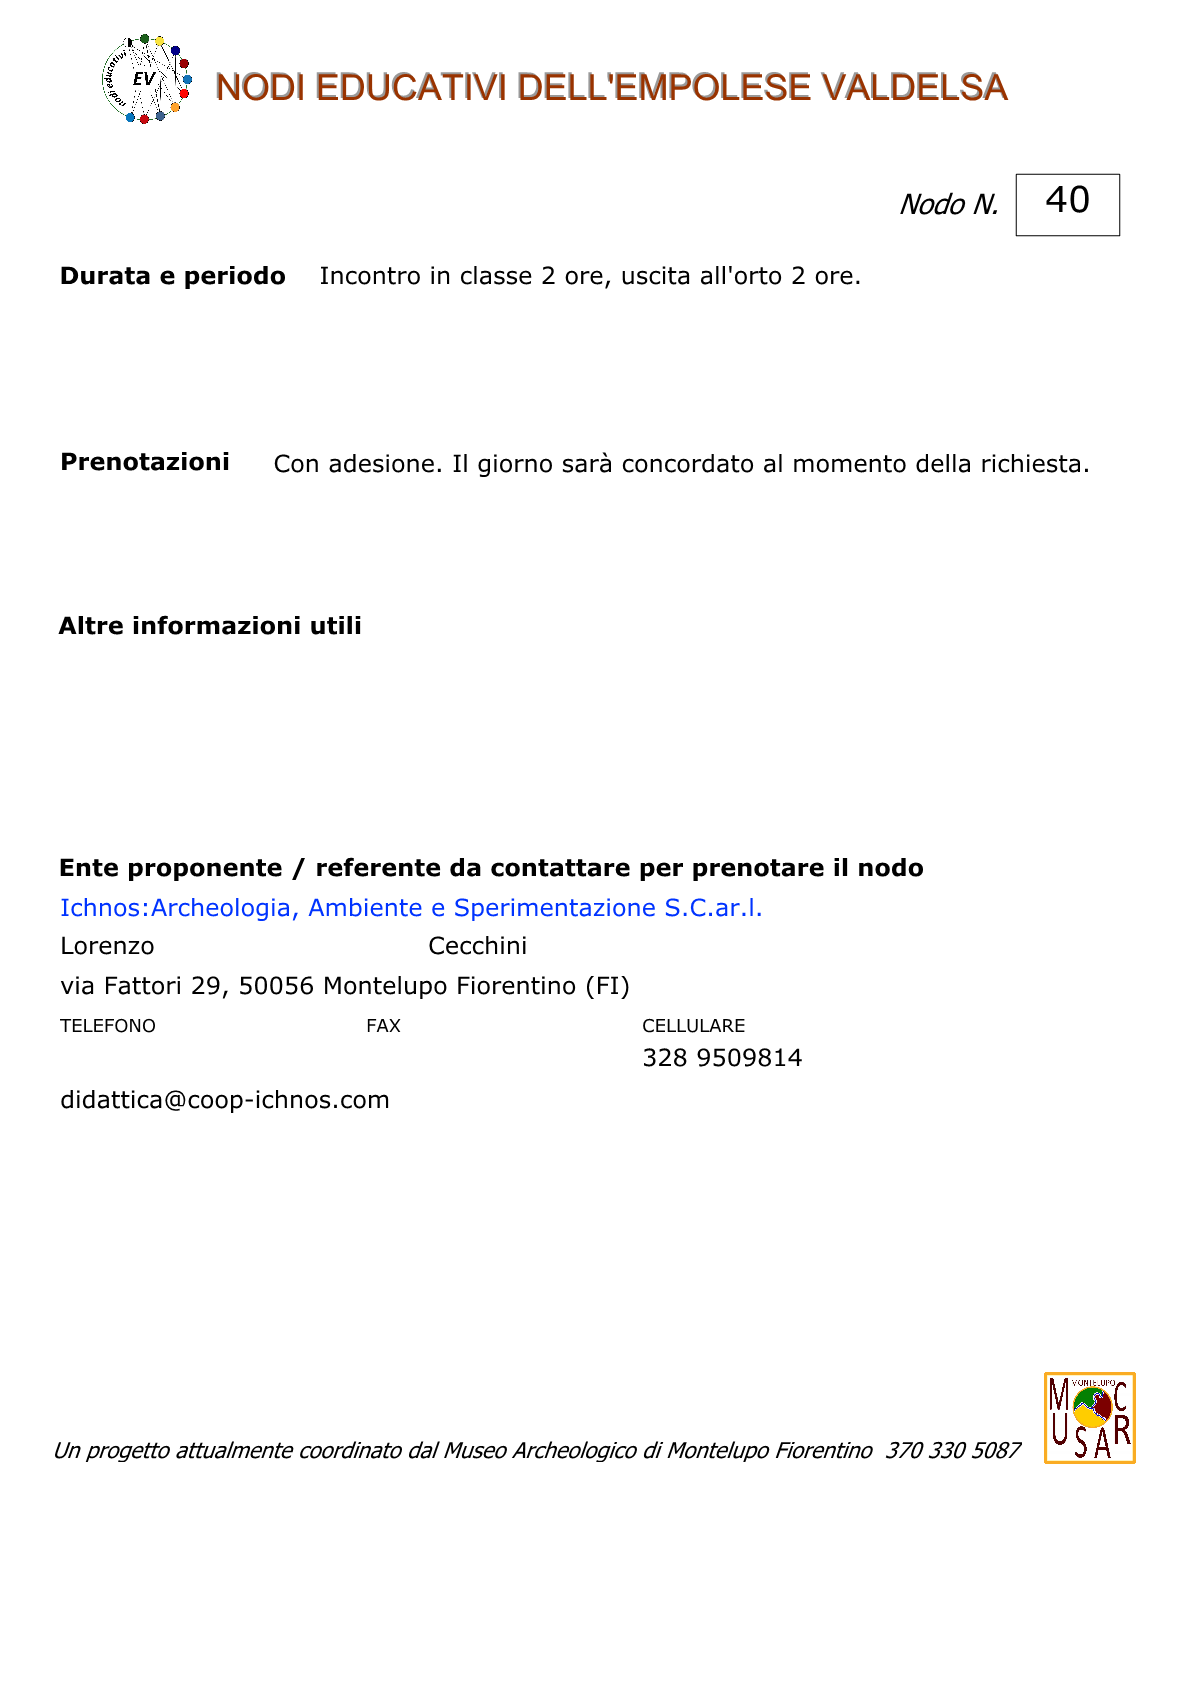 nodi-ev-161001-n-0403